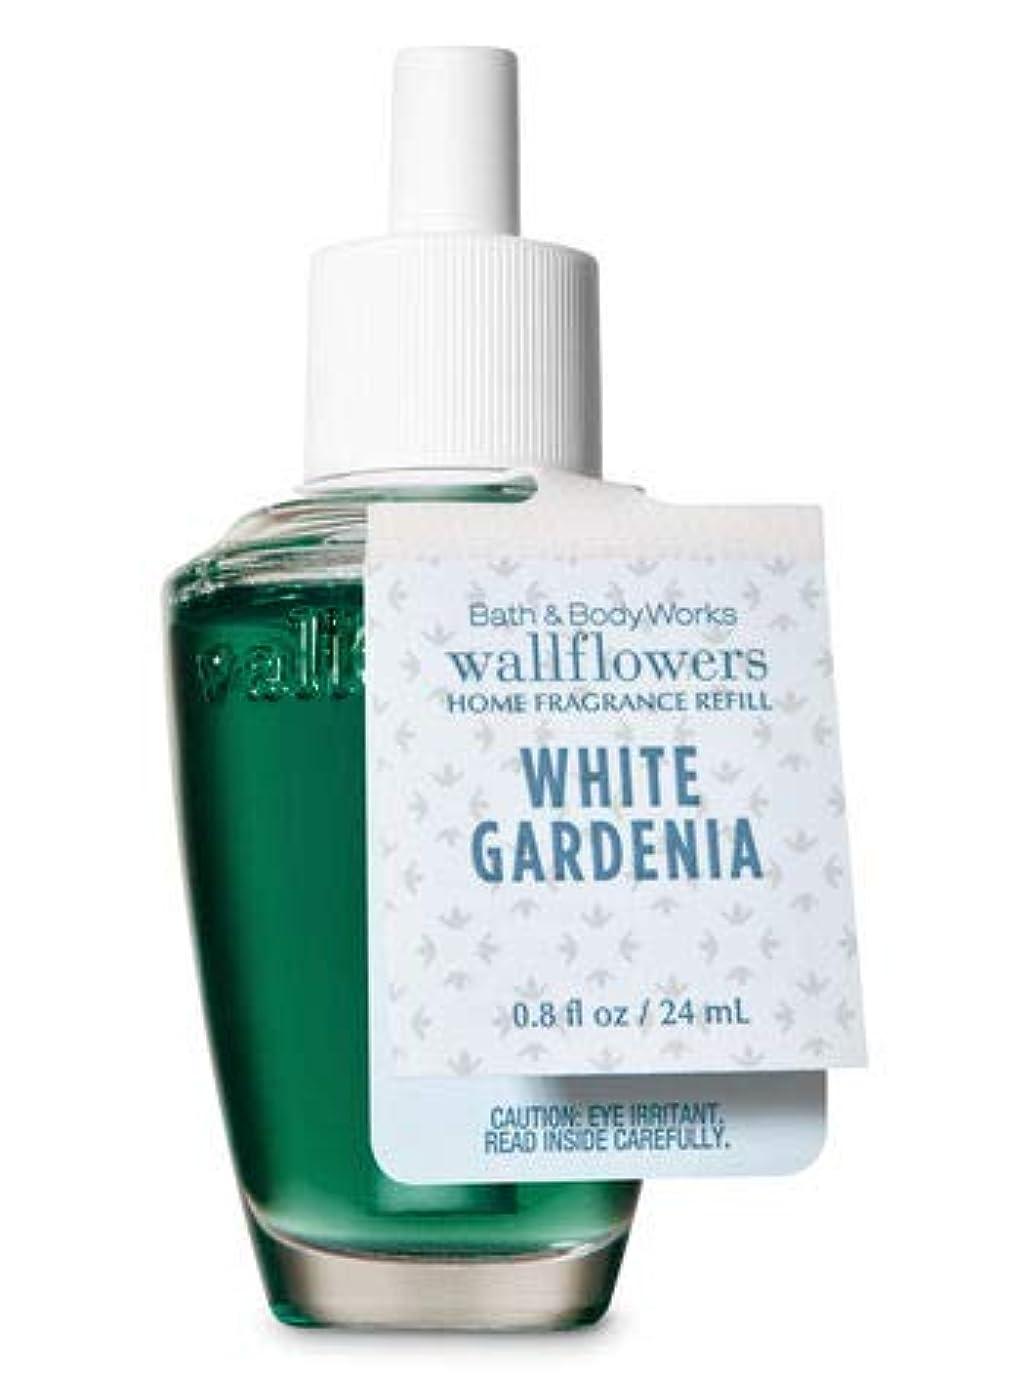 宝治療おもてなし【Bath&Body Works/バス&ボディワークス】 ルームフレグランス 詰替えリフィル ホワイトガーデニア Wallflowers Home Fragrance Refill White Gardenia [並行輸入品]